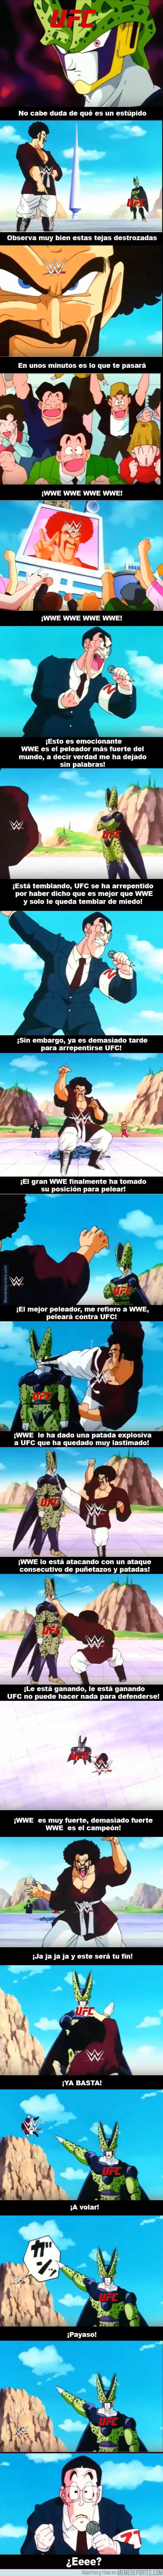 951101 - UFC vs WWE: la batalla final